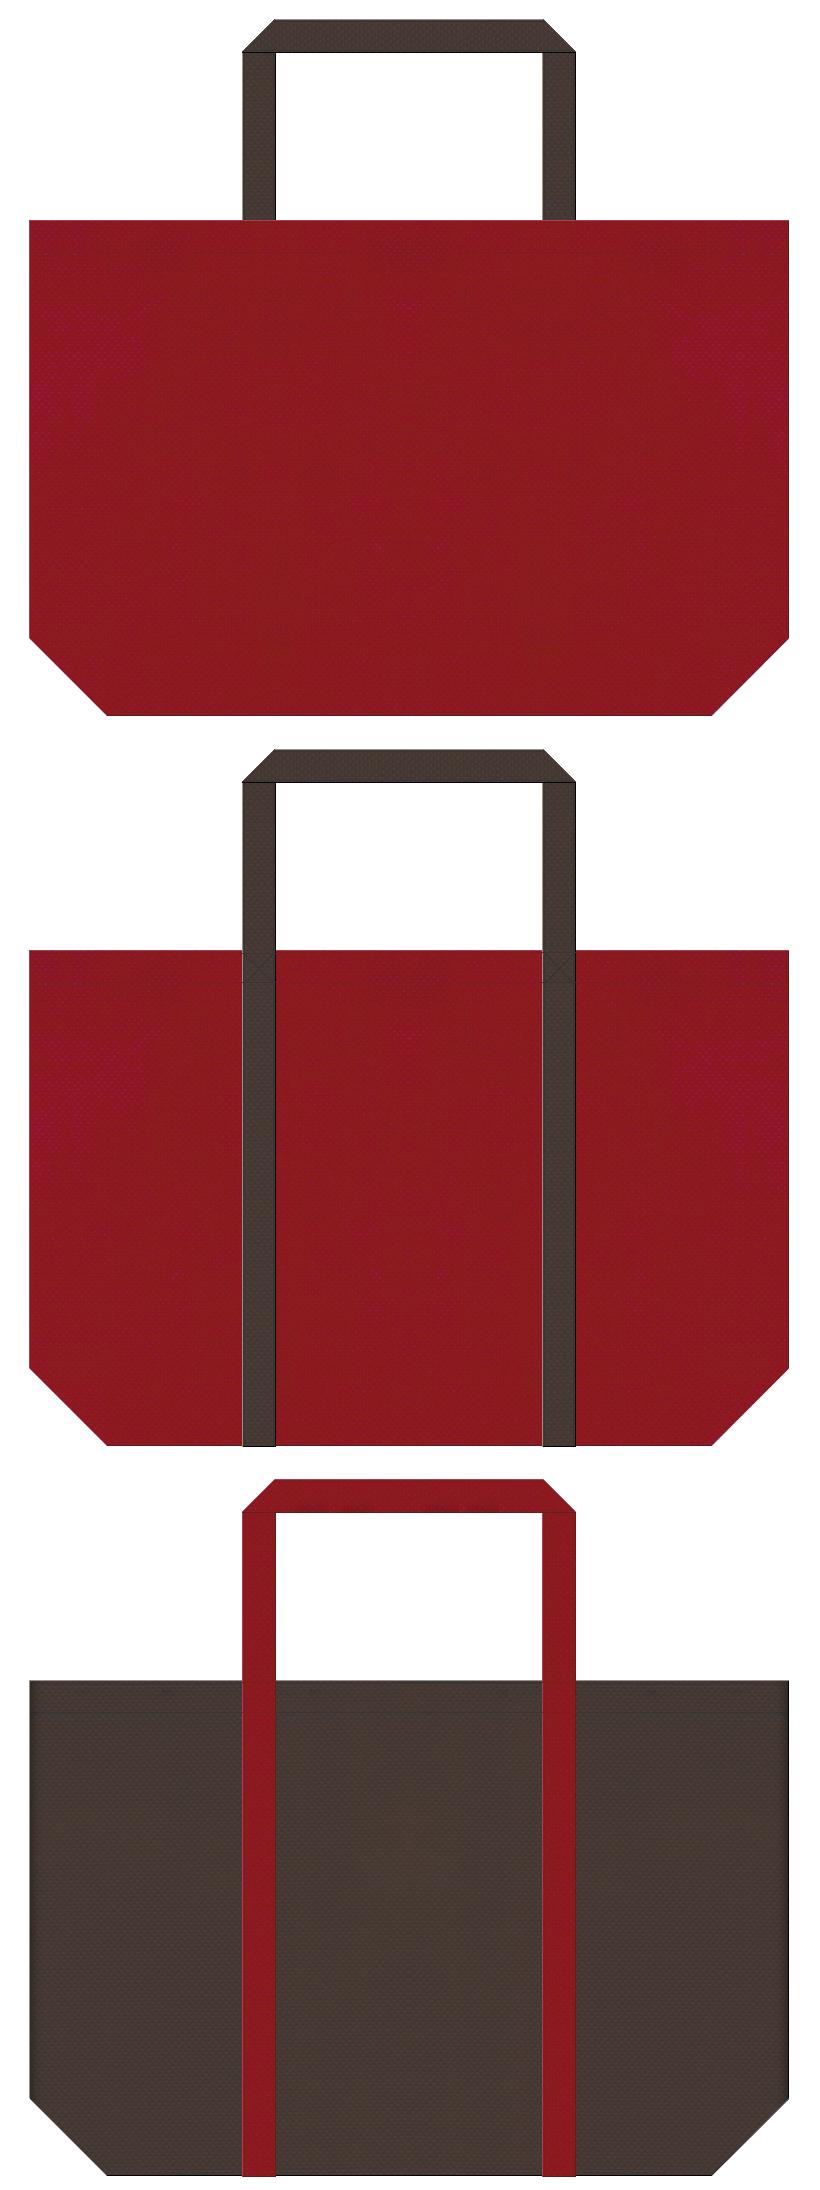 お正月・福袋・舞踊衣装・伝統芸能・伝統工芸・観光土産・和雑貨・和菓子・和風催事にお奨め:エンジ色とこげ茶色の不織布ショッピングバッグのデザイン